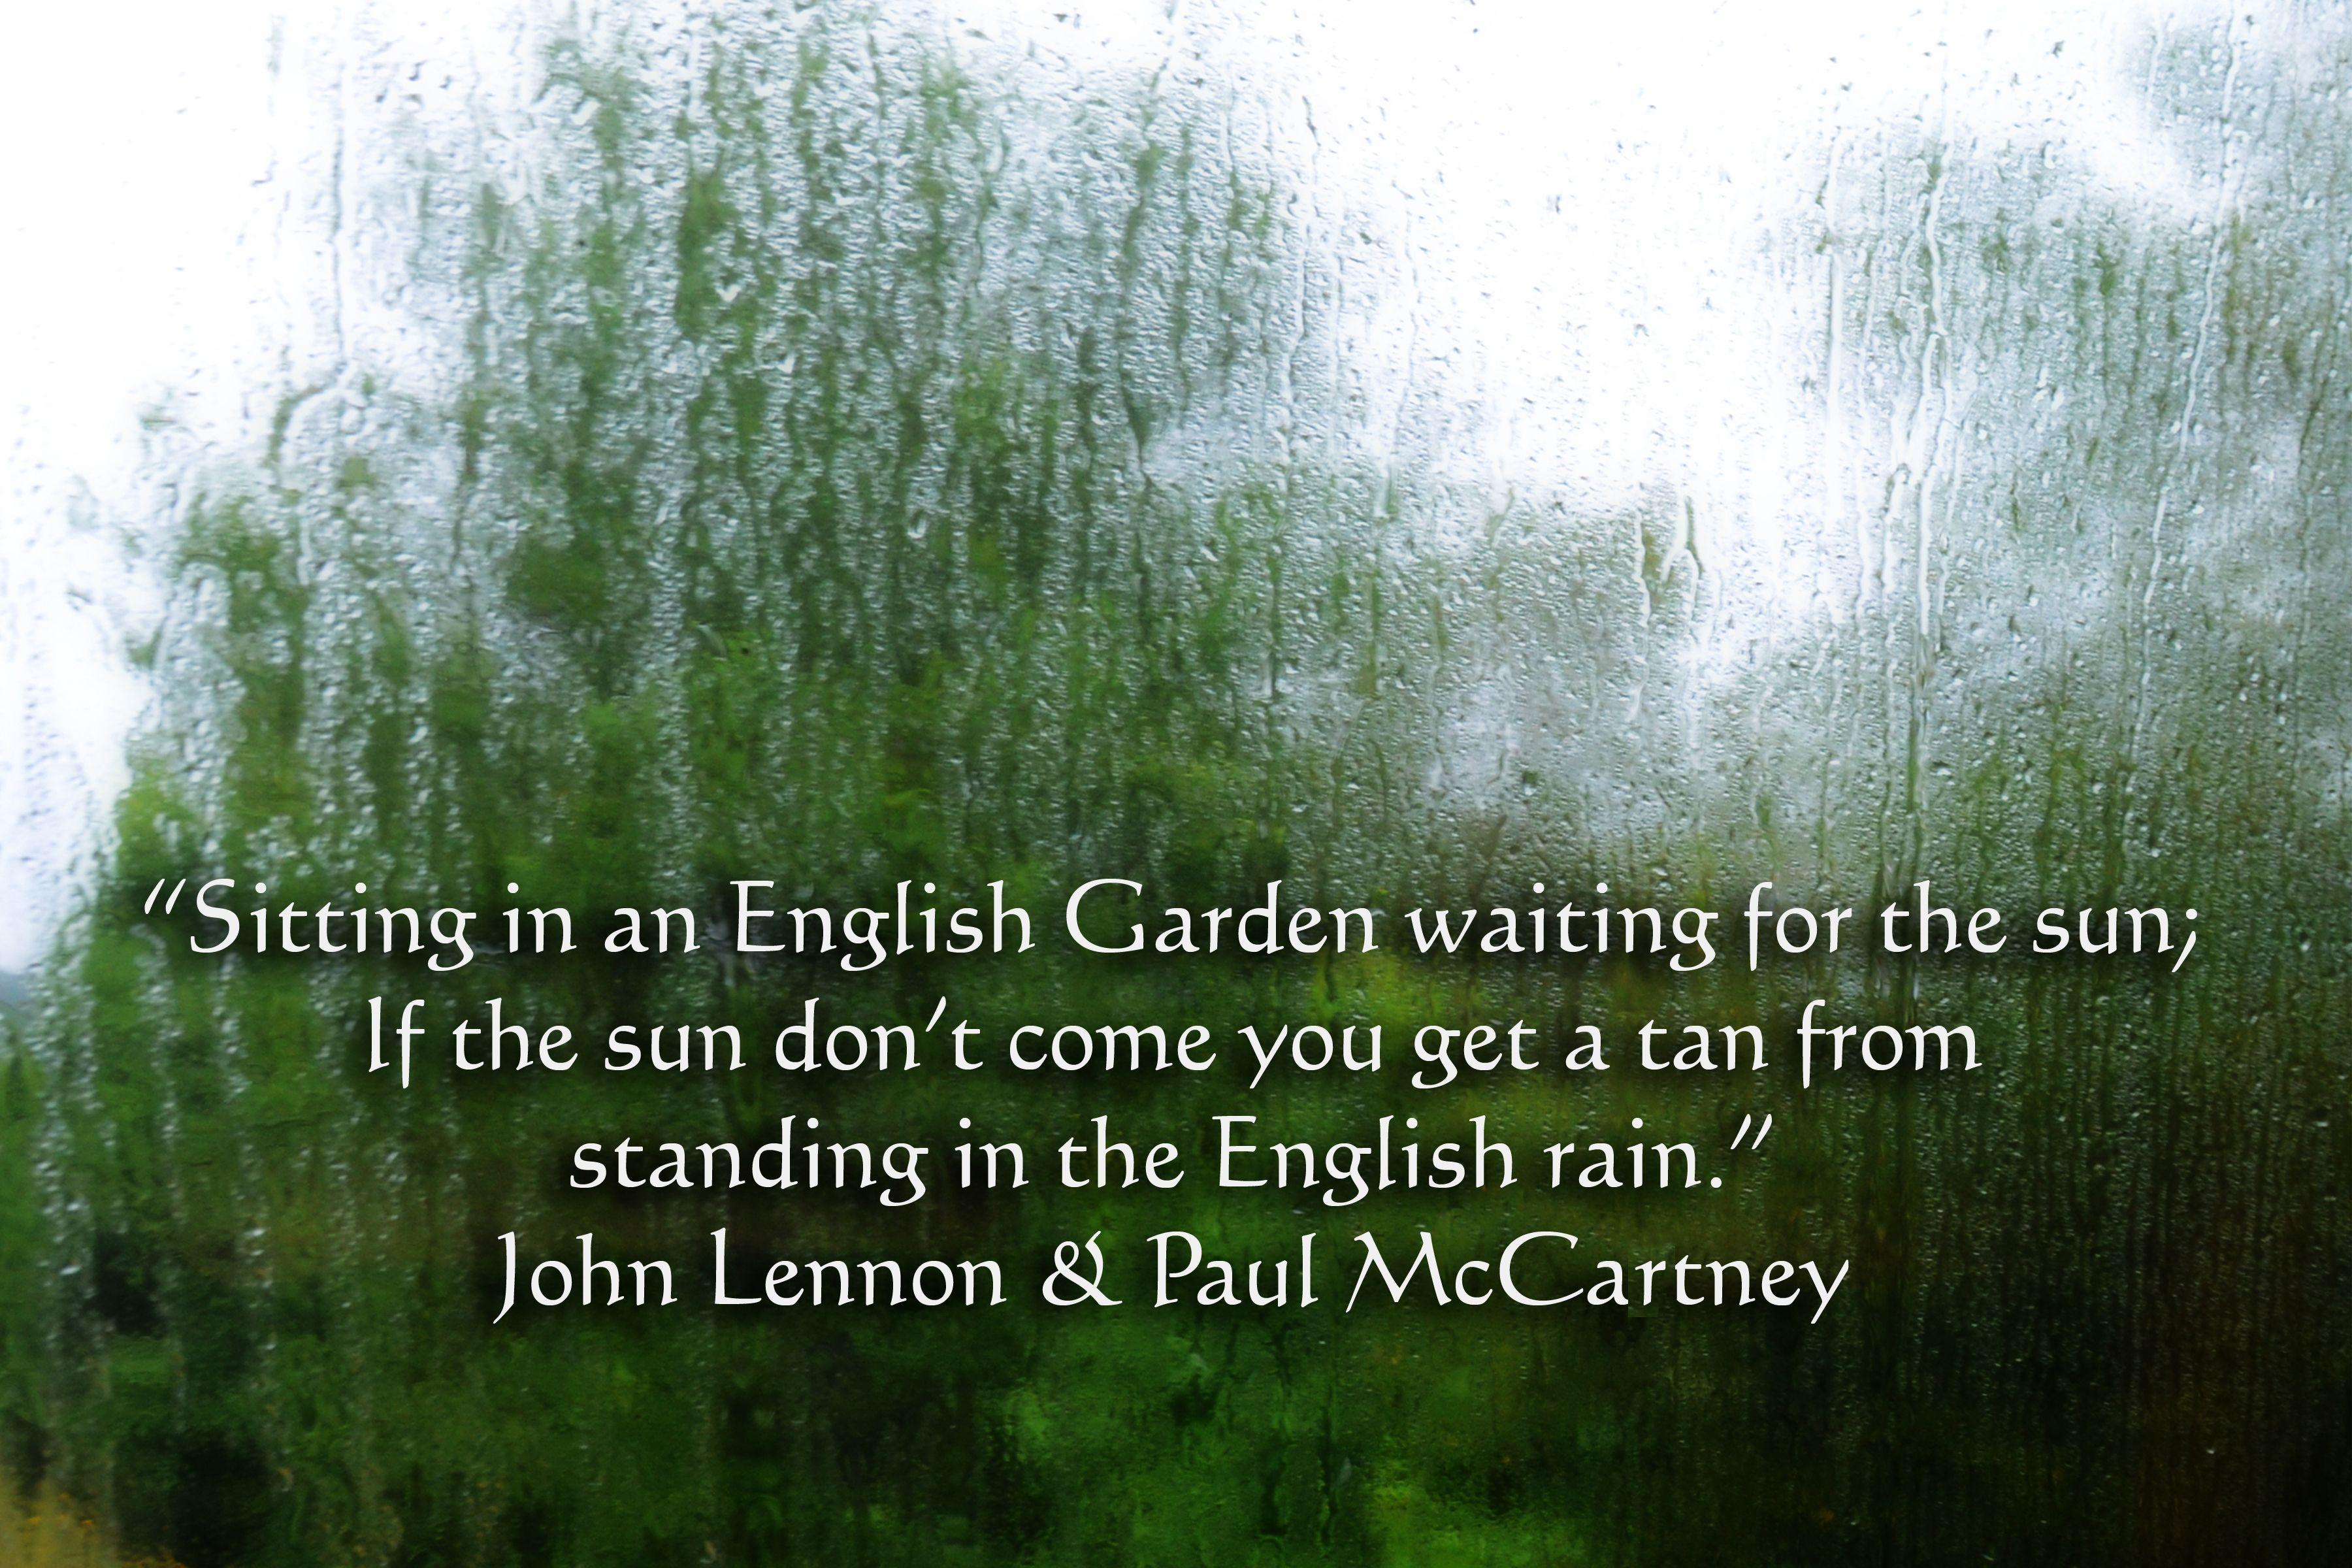 Beatles' lyric . . . .Sitting in an English Garden waiting